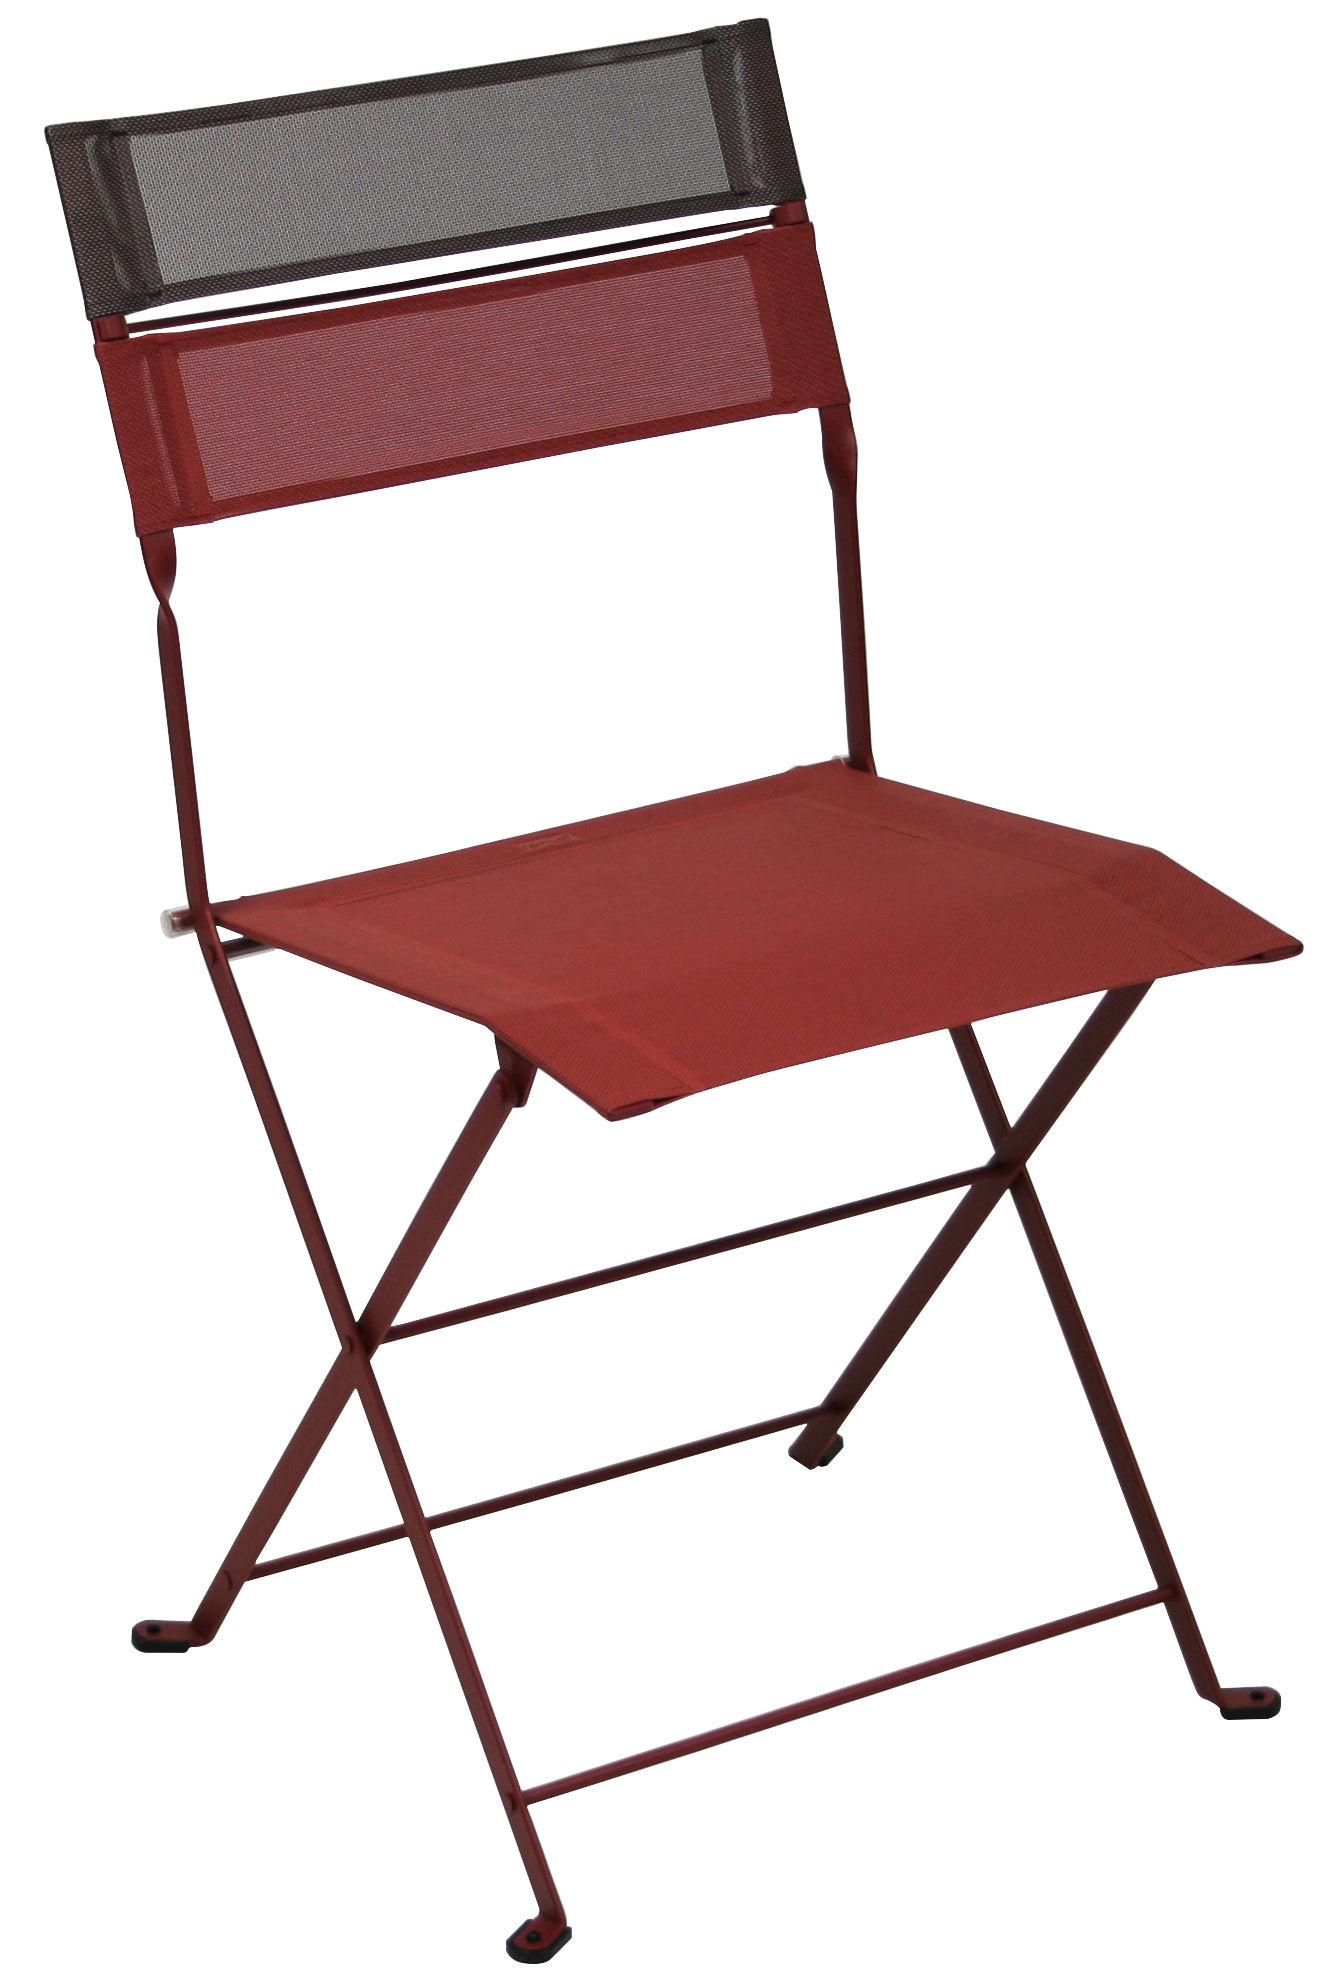 Chaise pliante latitude toile structure piment - Chaise pliante toile ...